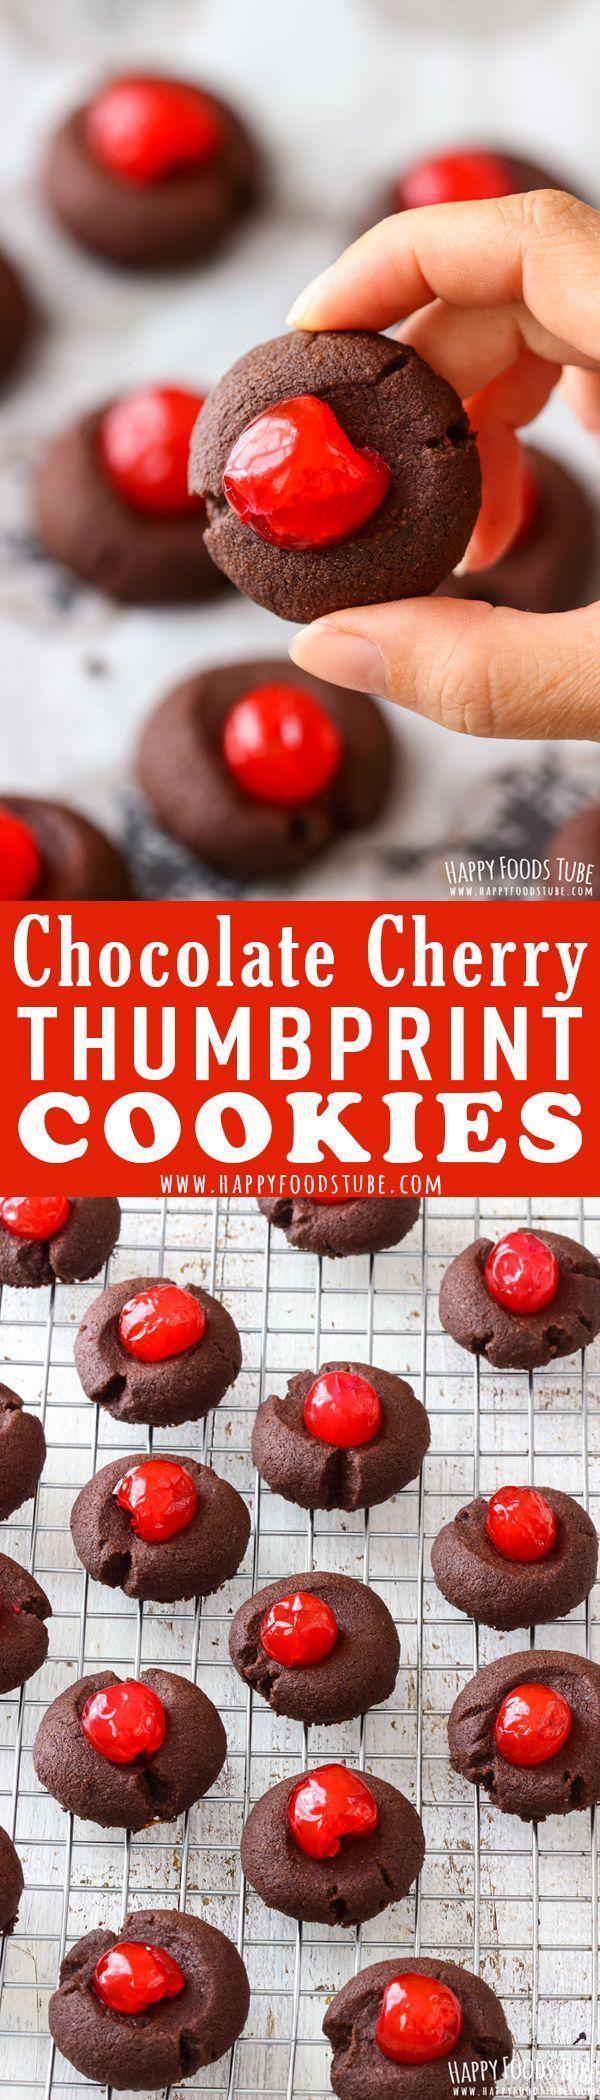 「Cherry cookie recipes」のおすすめアイデア 25 件以上 | Pinterest ...